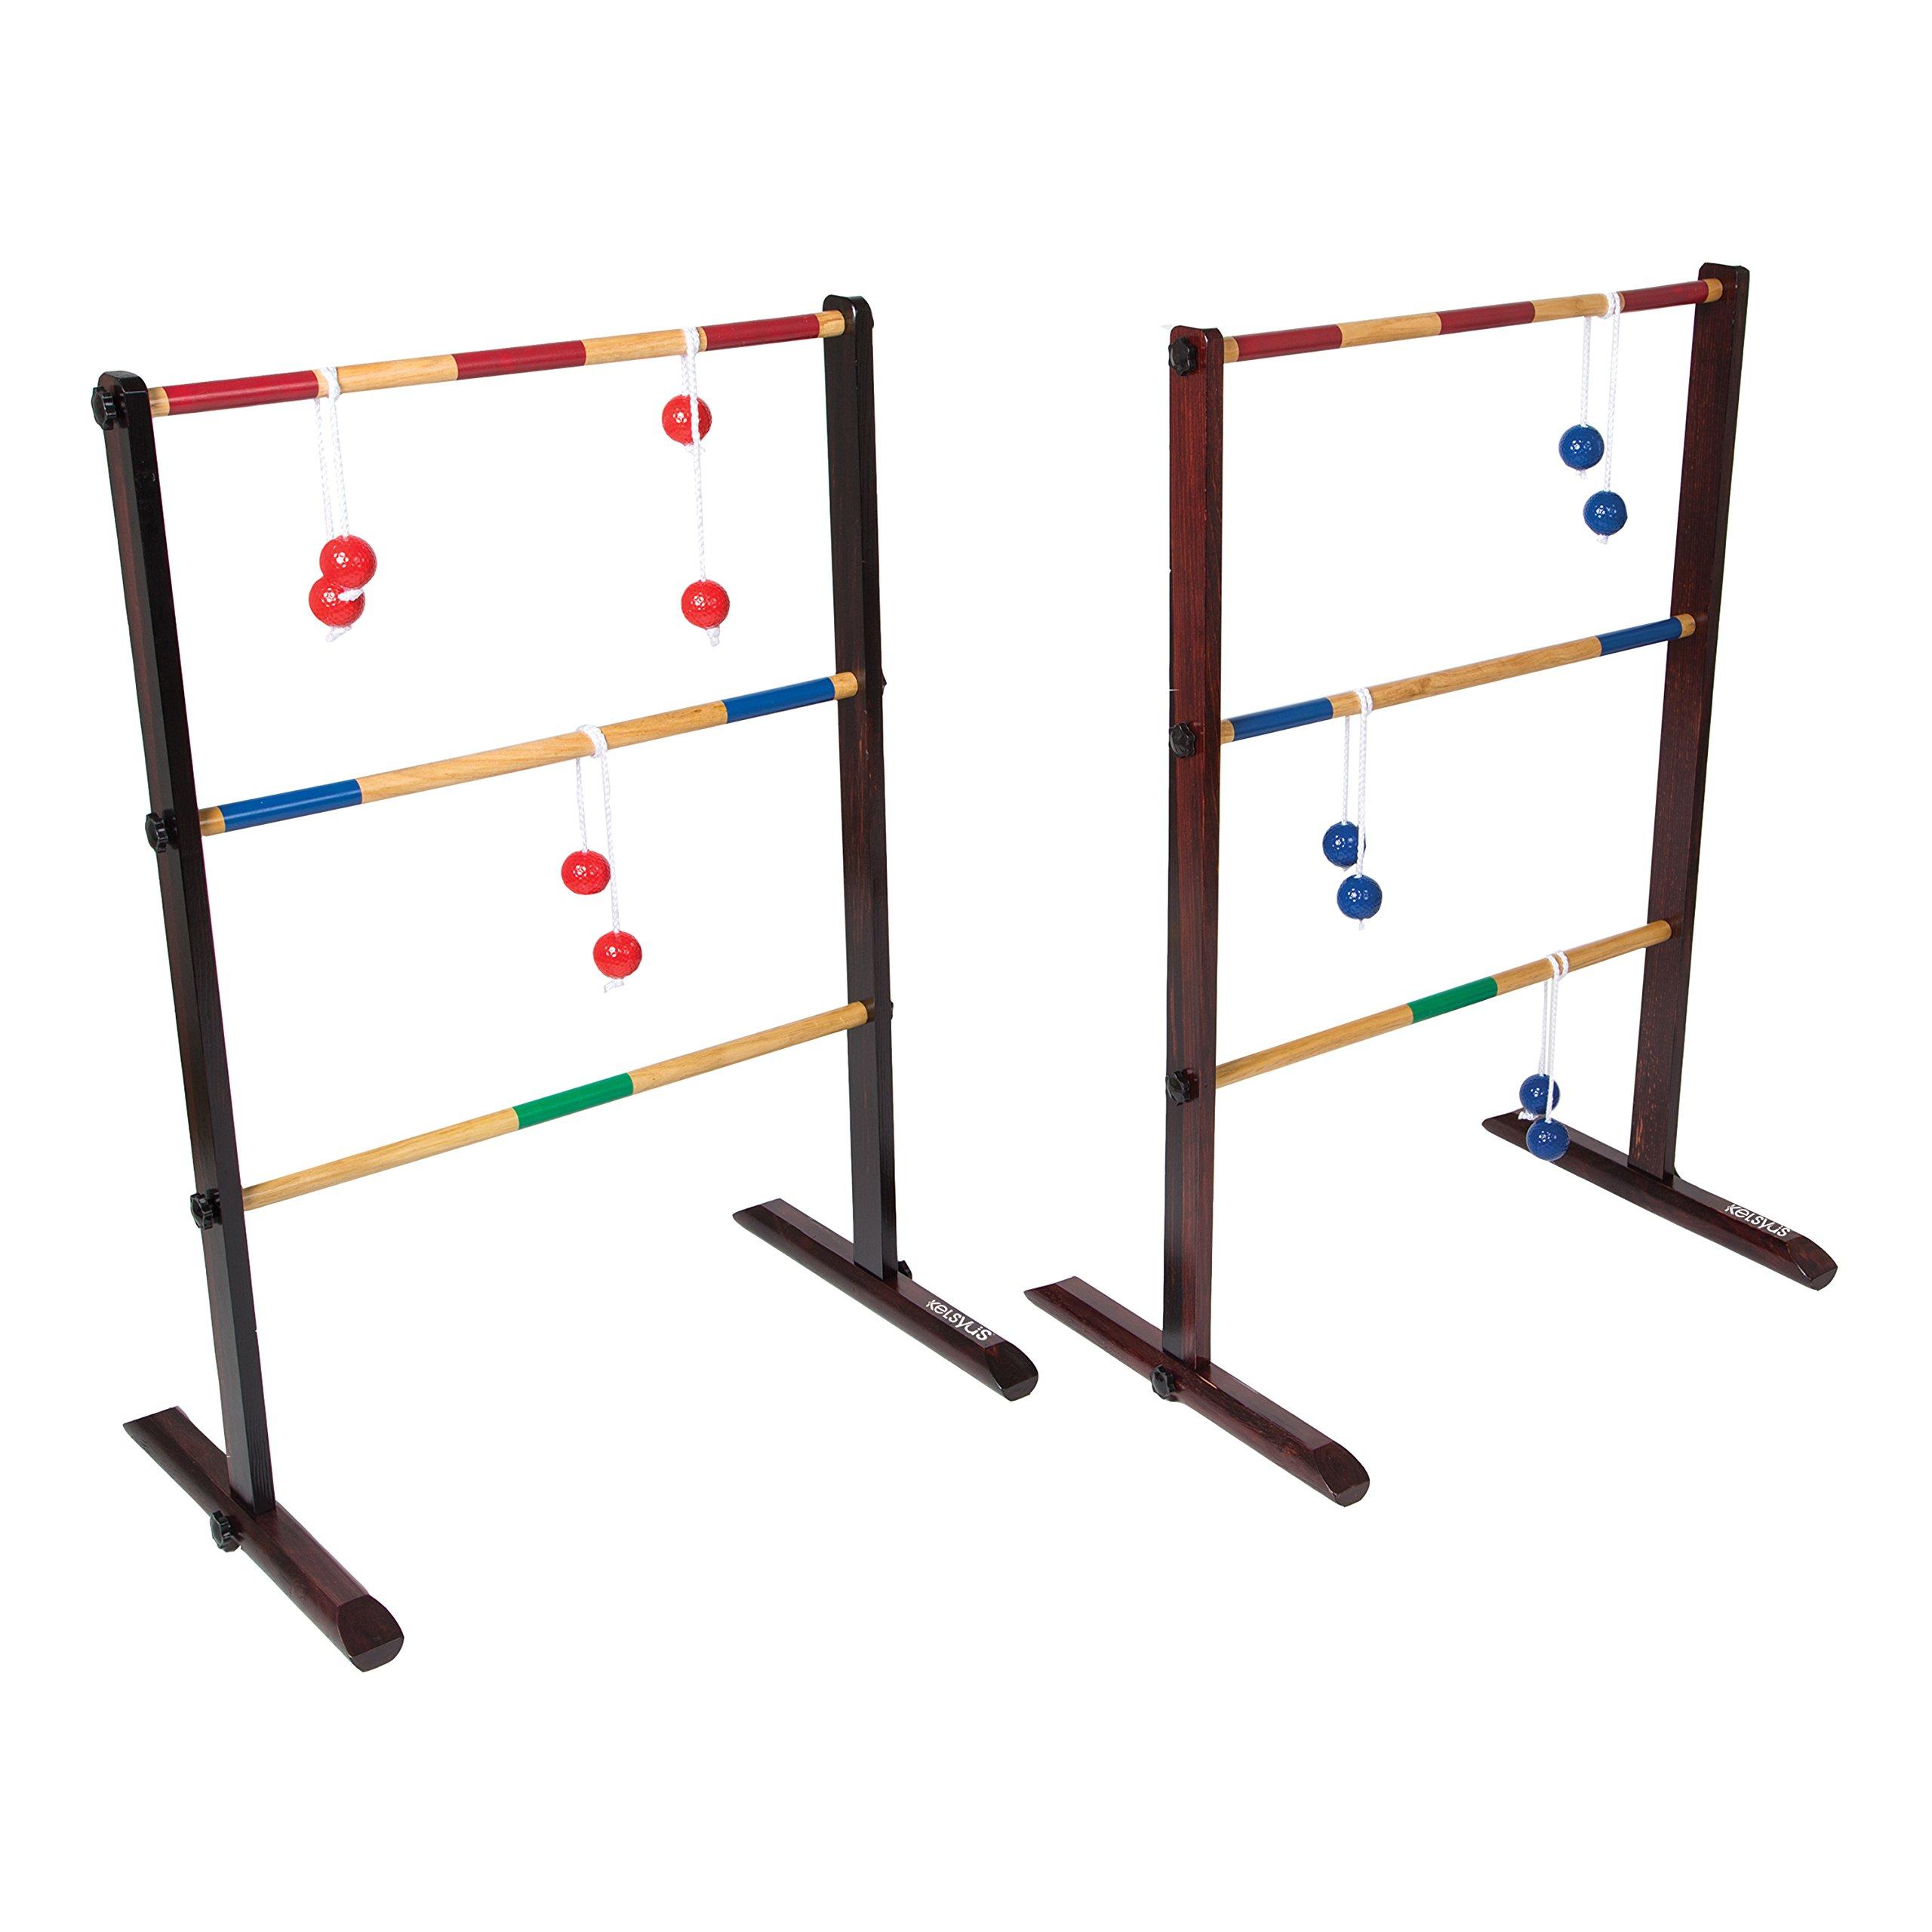 Kelsyus Premium Ladder Ball Game by Kelsyus